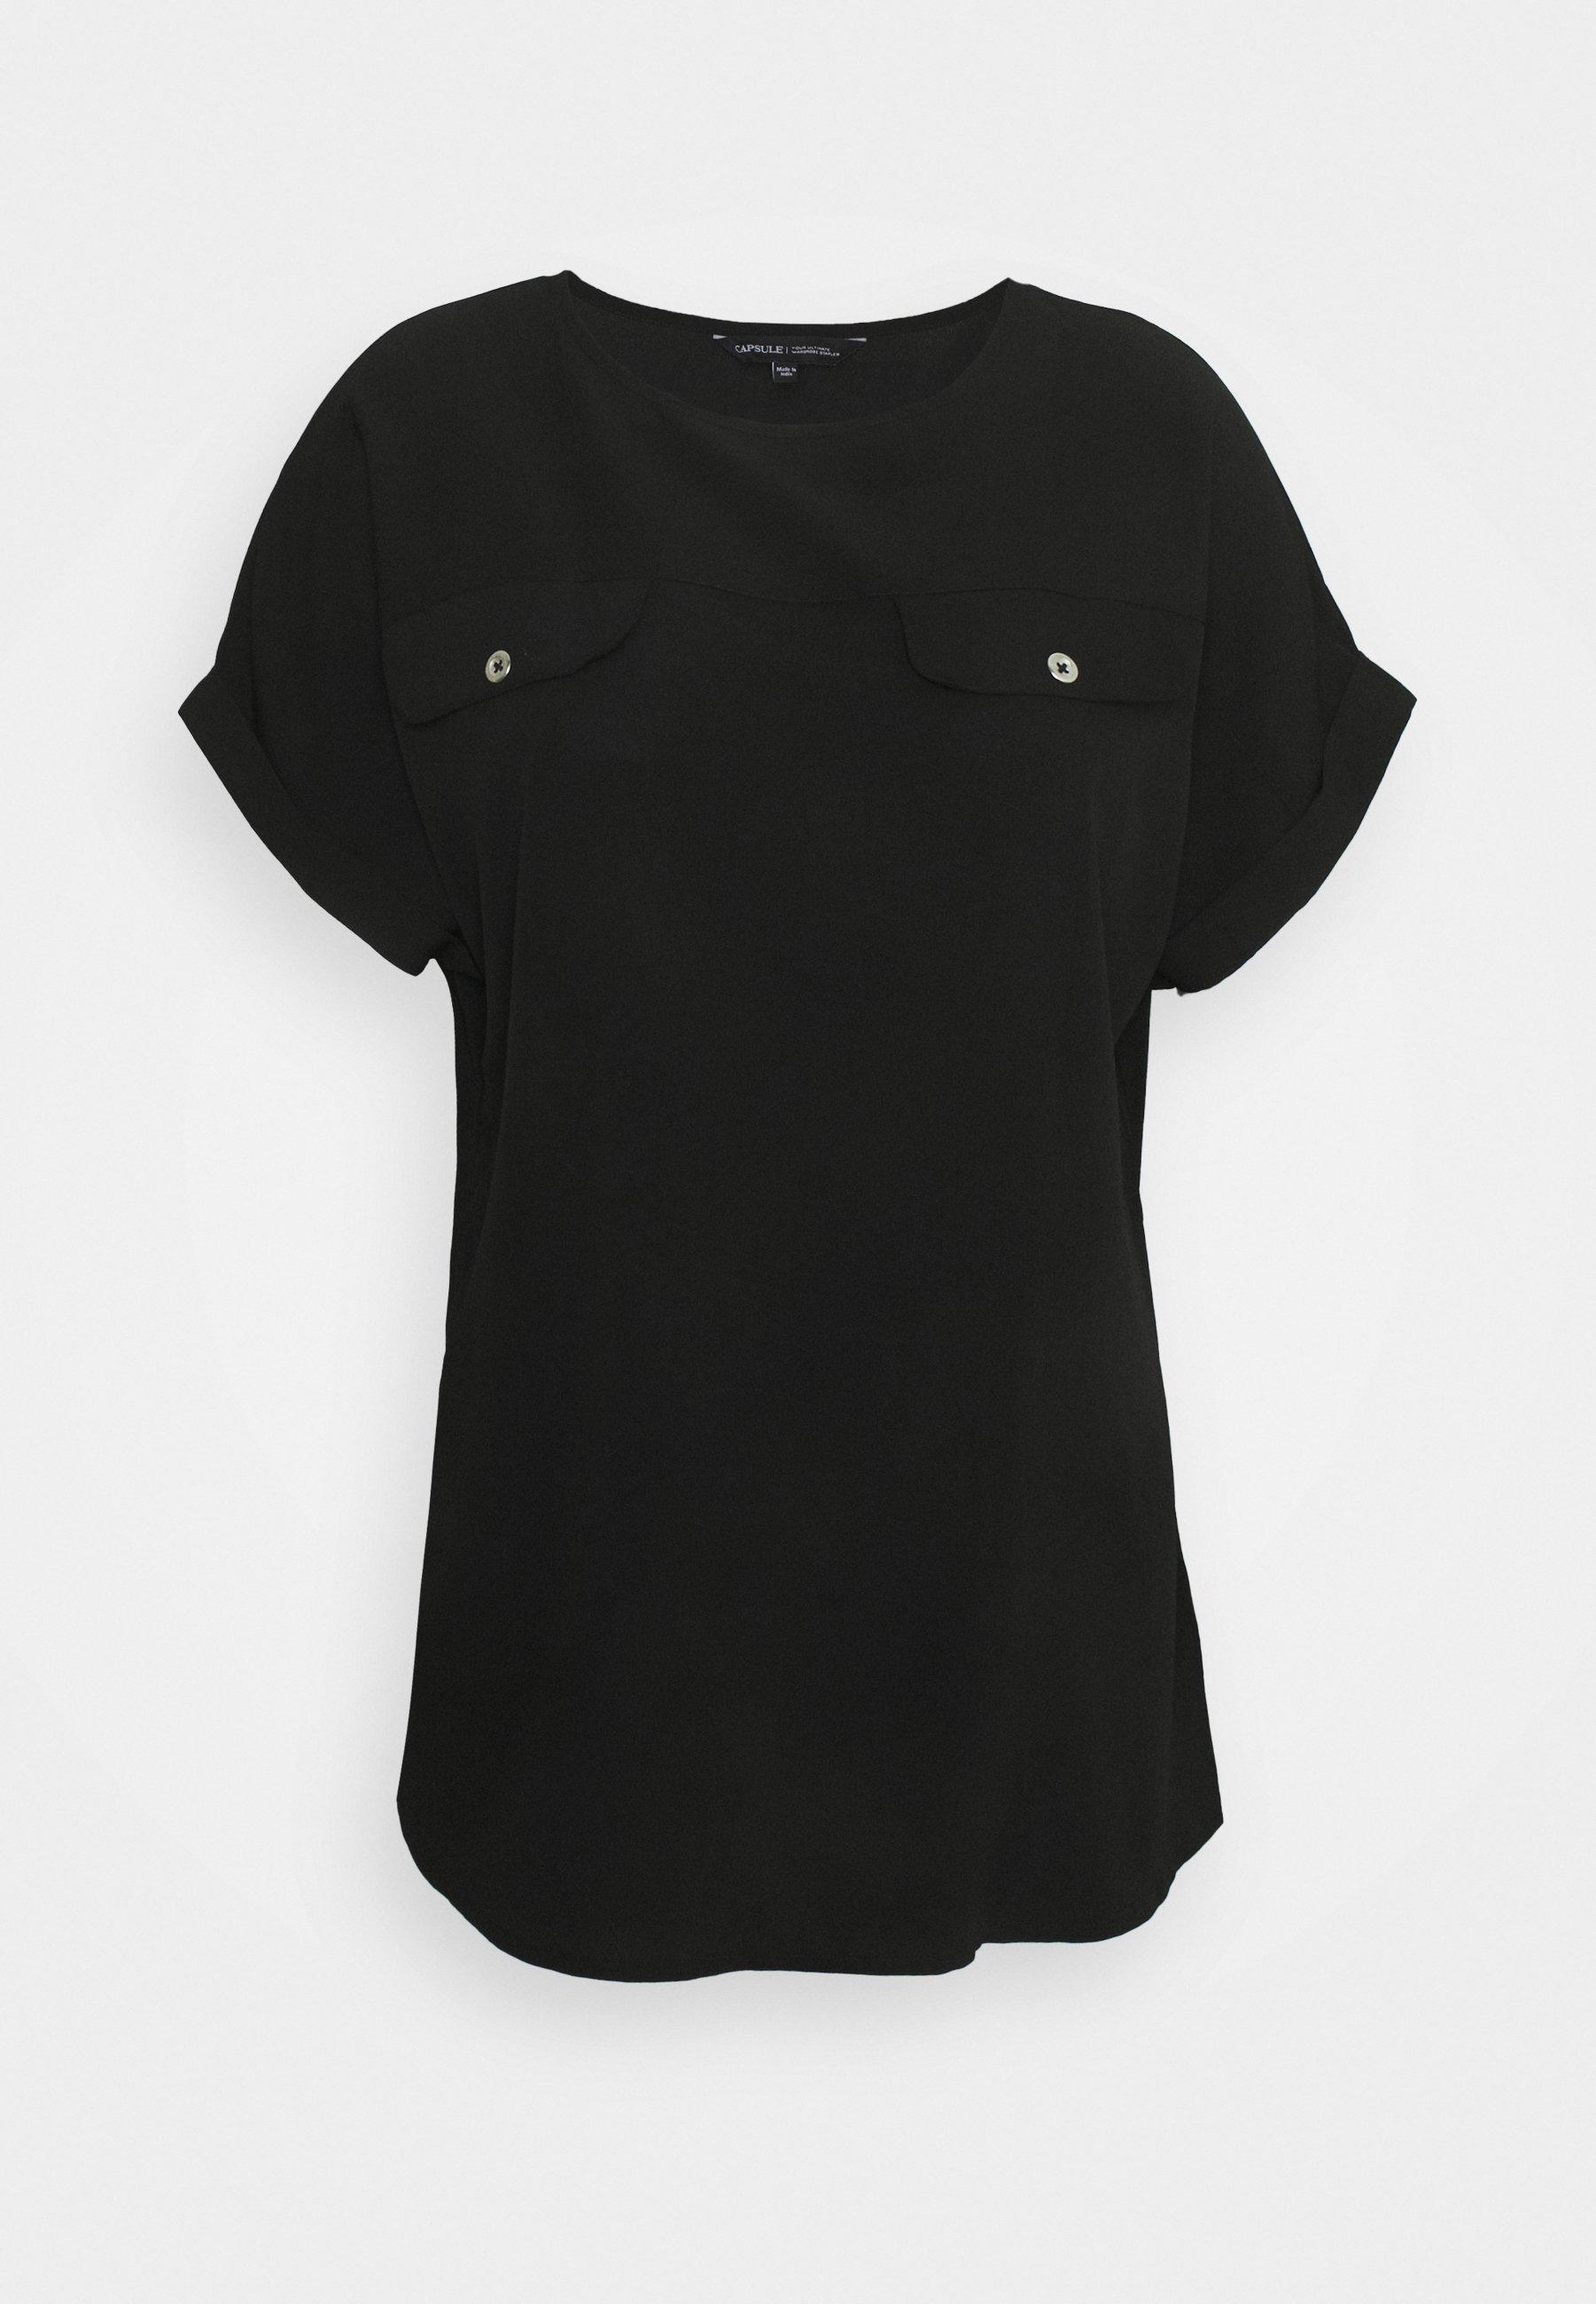 Women UTILITY BOXY TOP - Print T-shirt